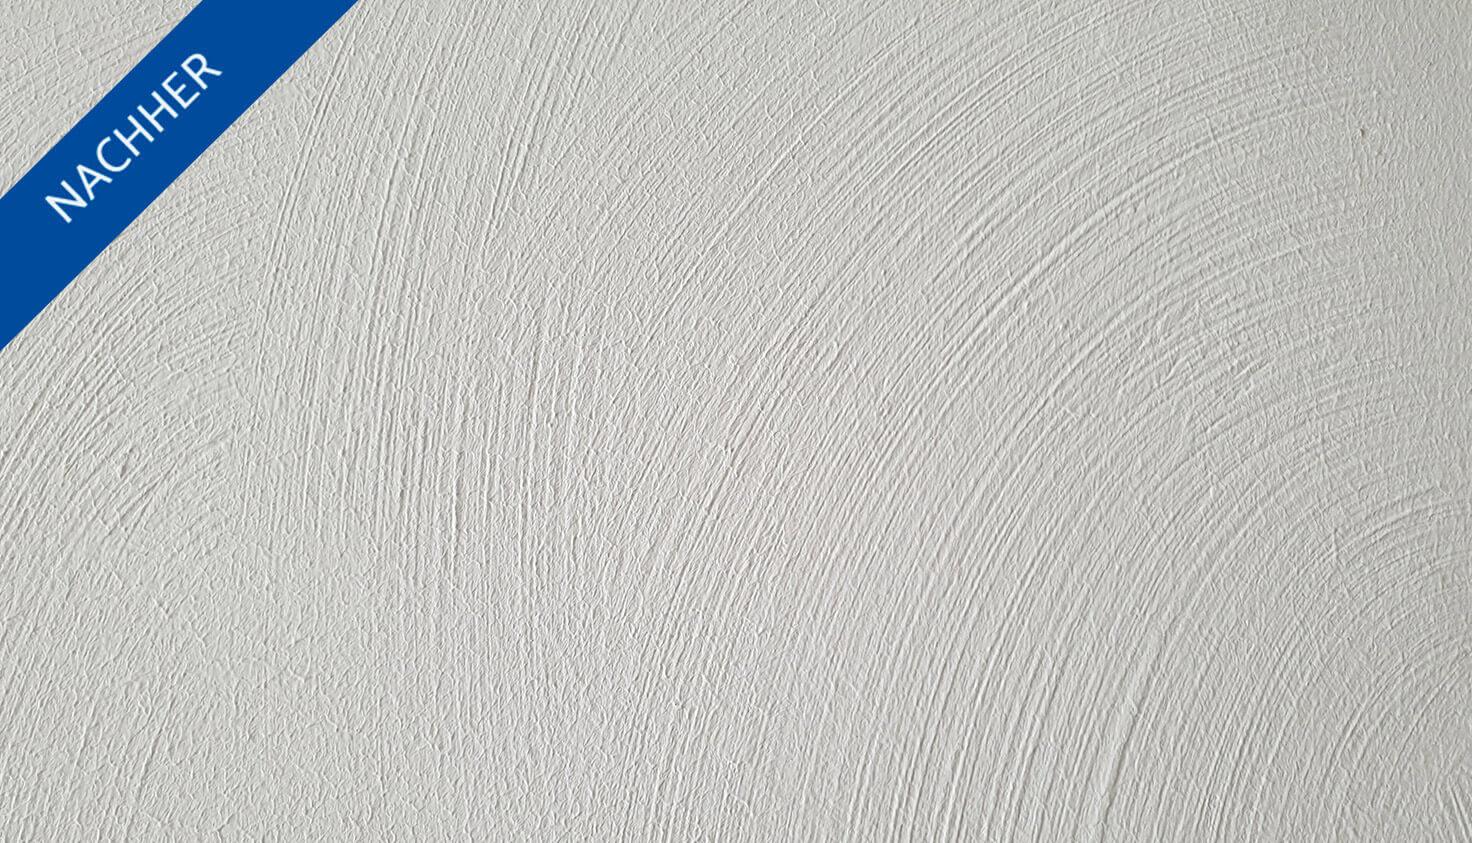 restaurierte Weiße Wand in Steglitzer Altbauwohnung